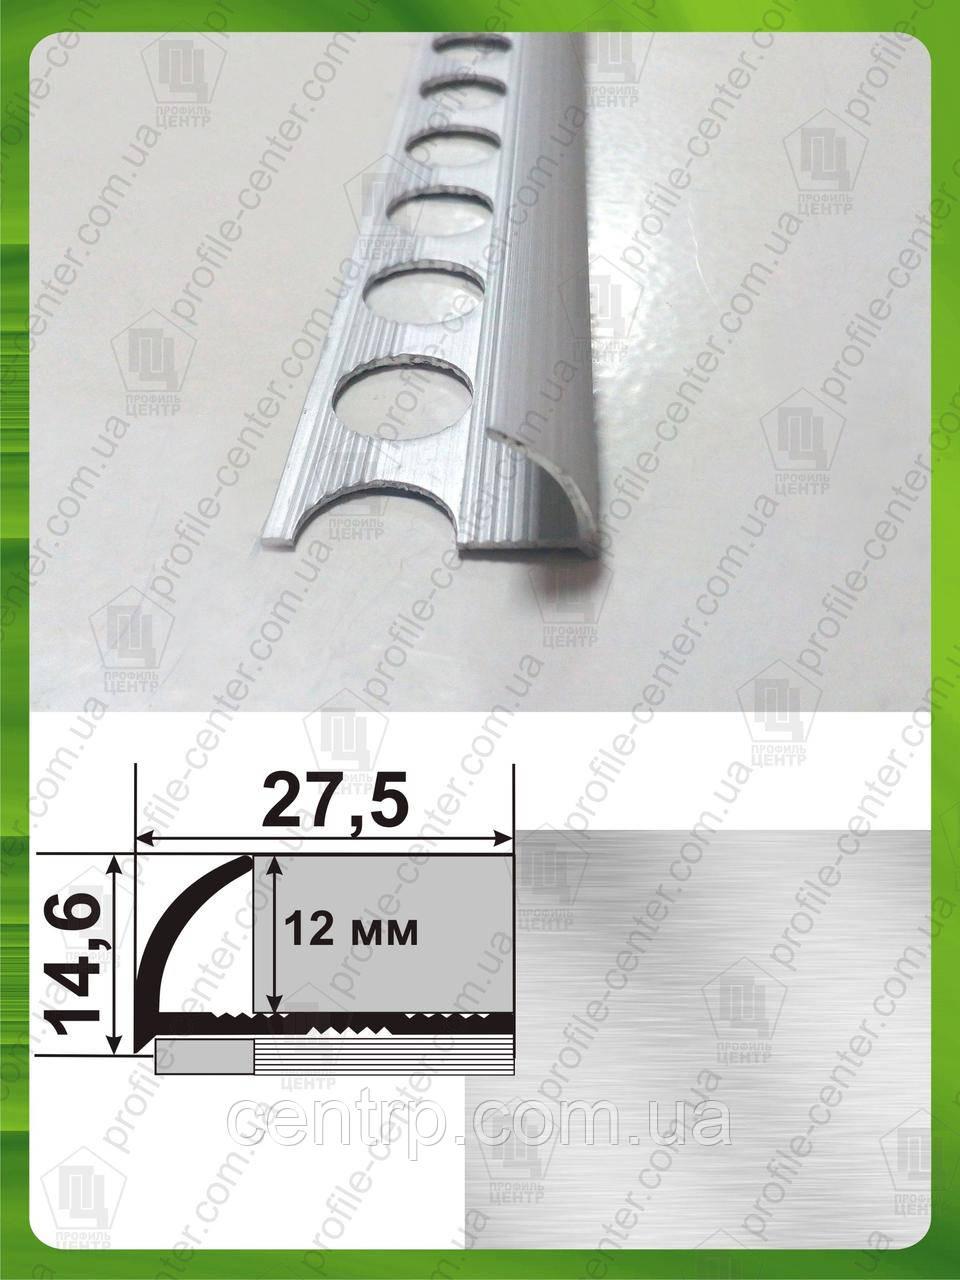 Уголок для плитки до 12 мм - НАП 12 БП, L-2,7м